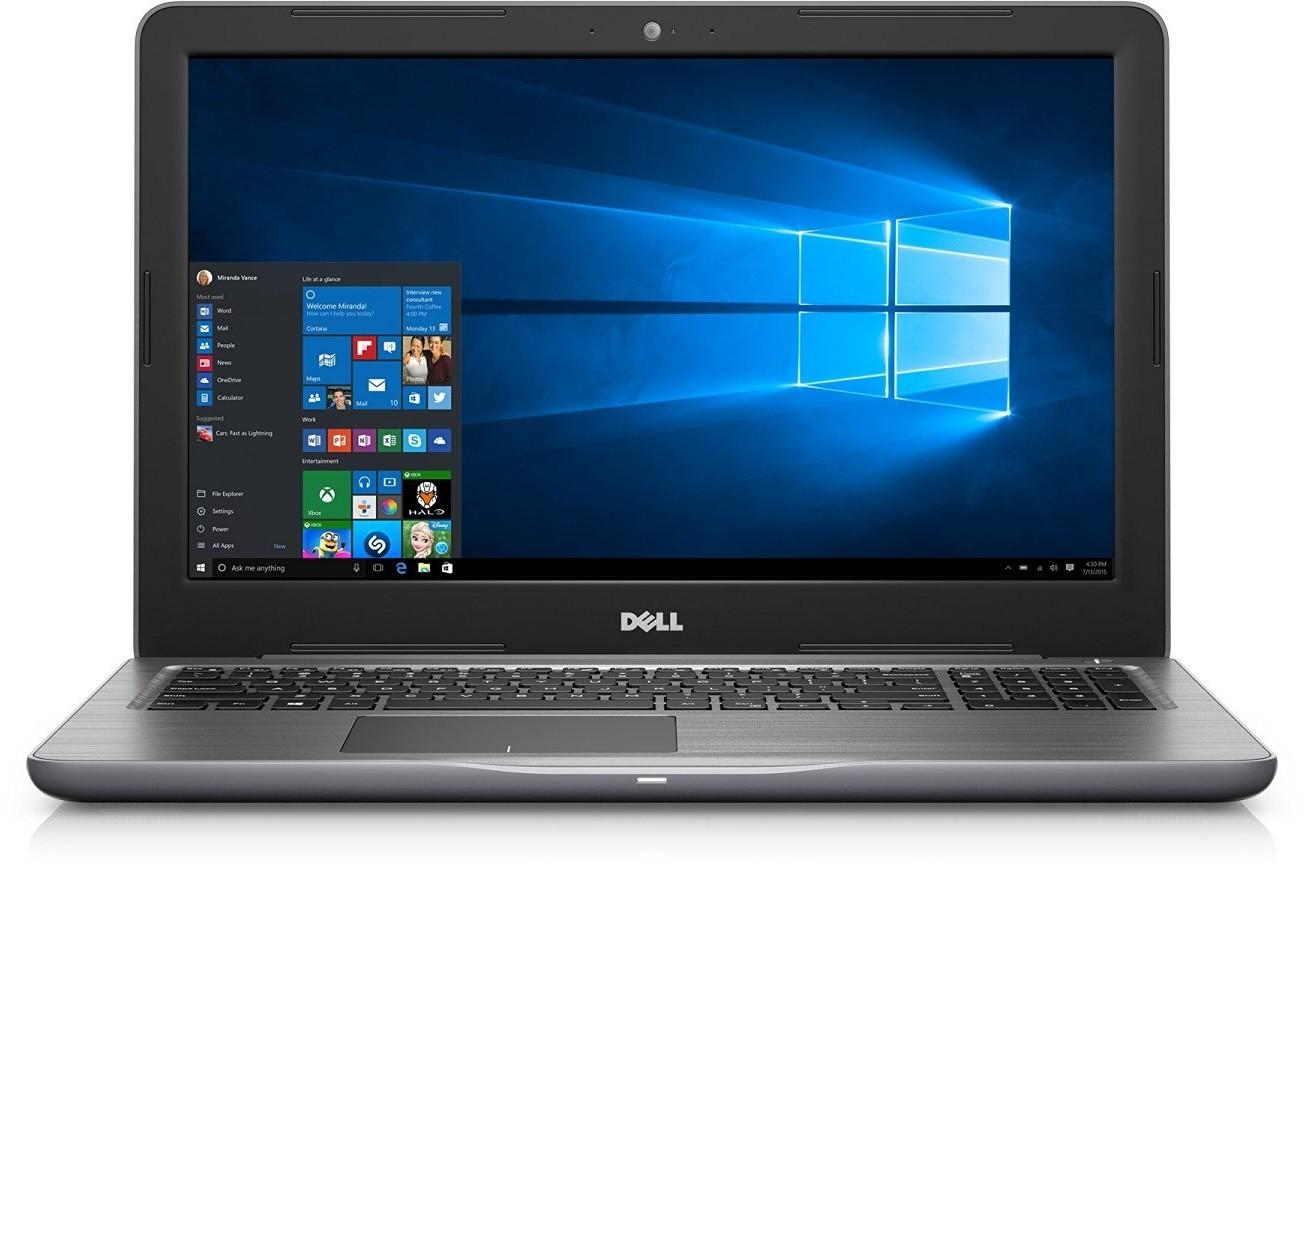 """Opinie o Dell Inspiron 15 ( 5567 ) 15,6"""" HD, Core i5, 500GB HDD, 4GB RAM, R7 M445, W10H"""